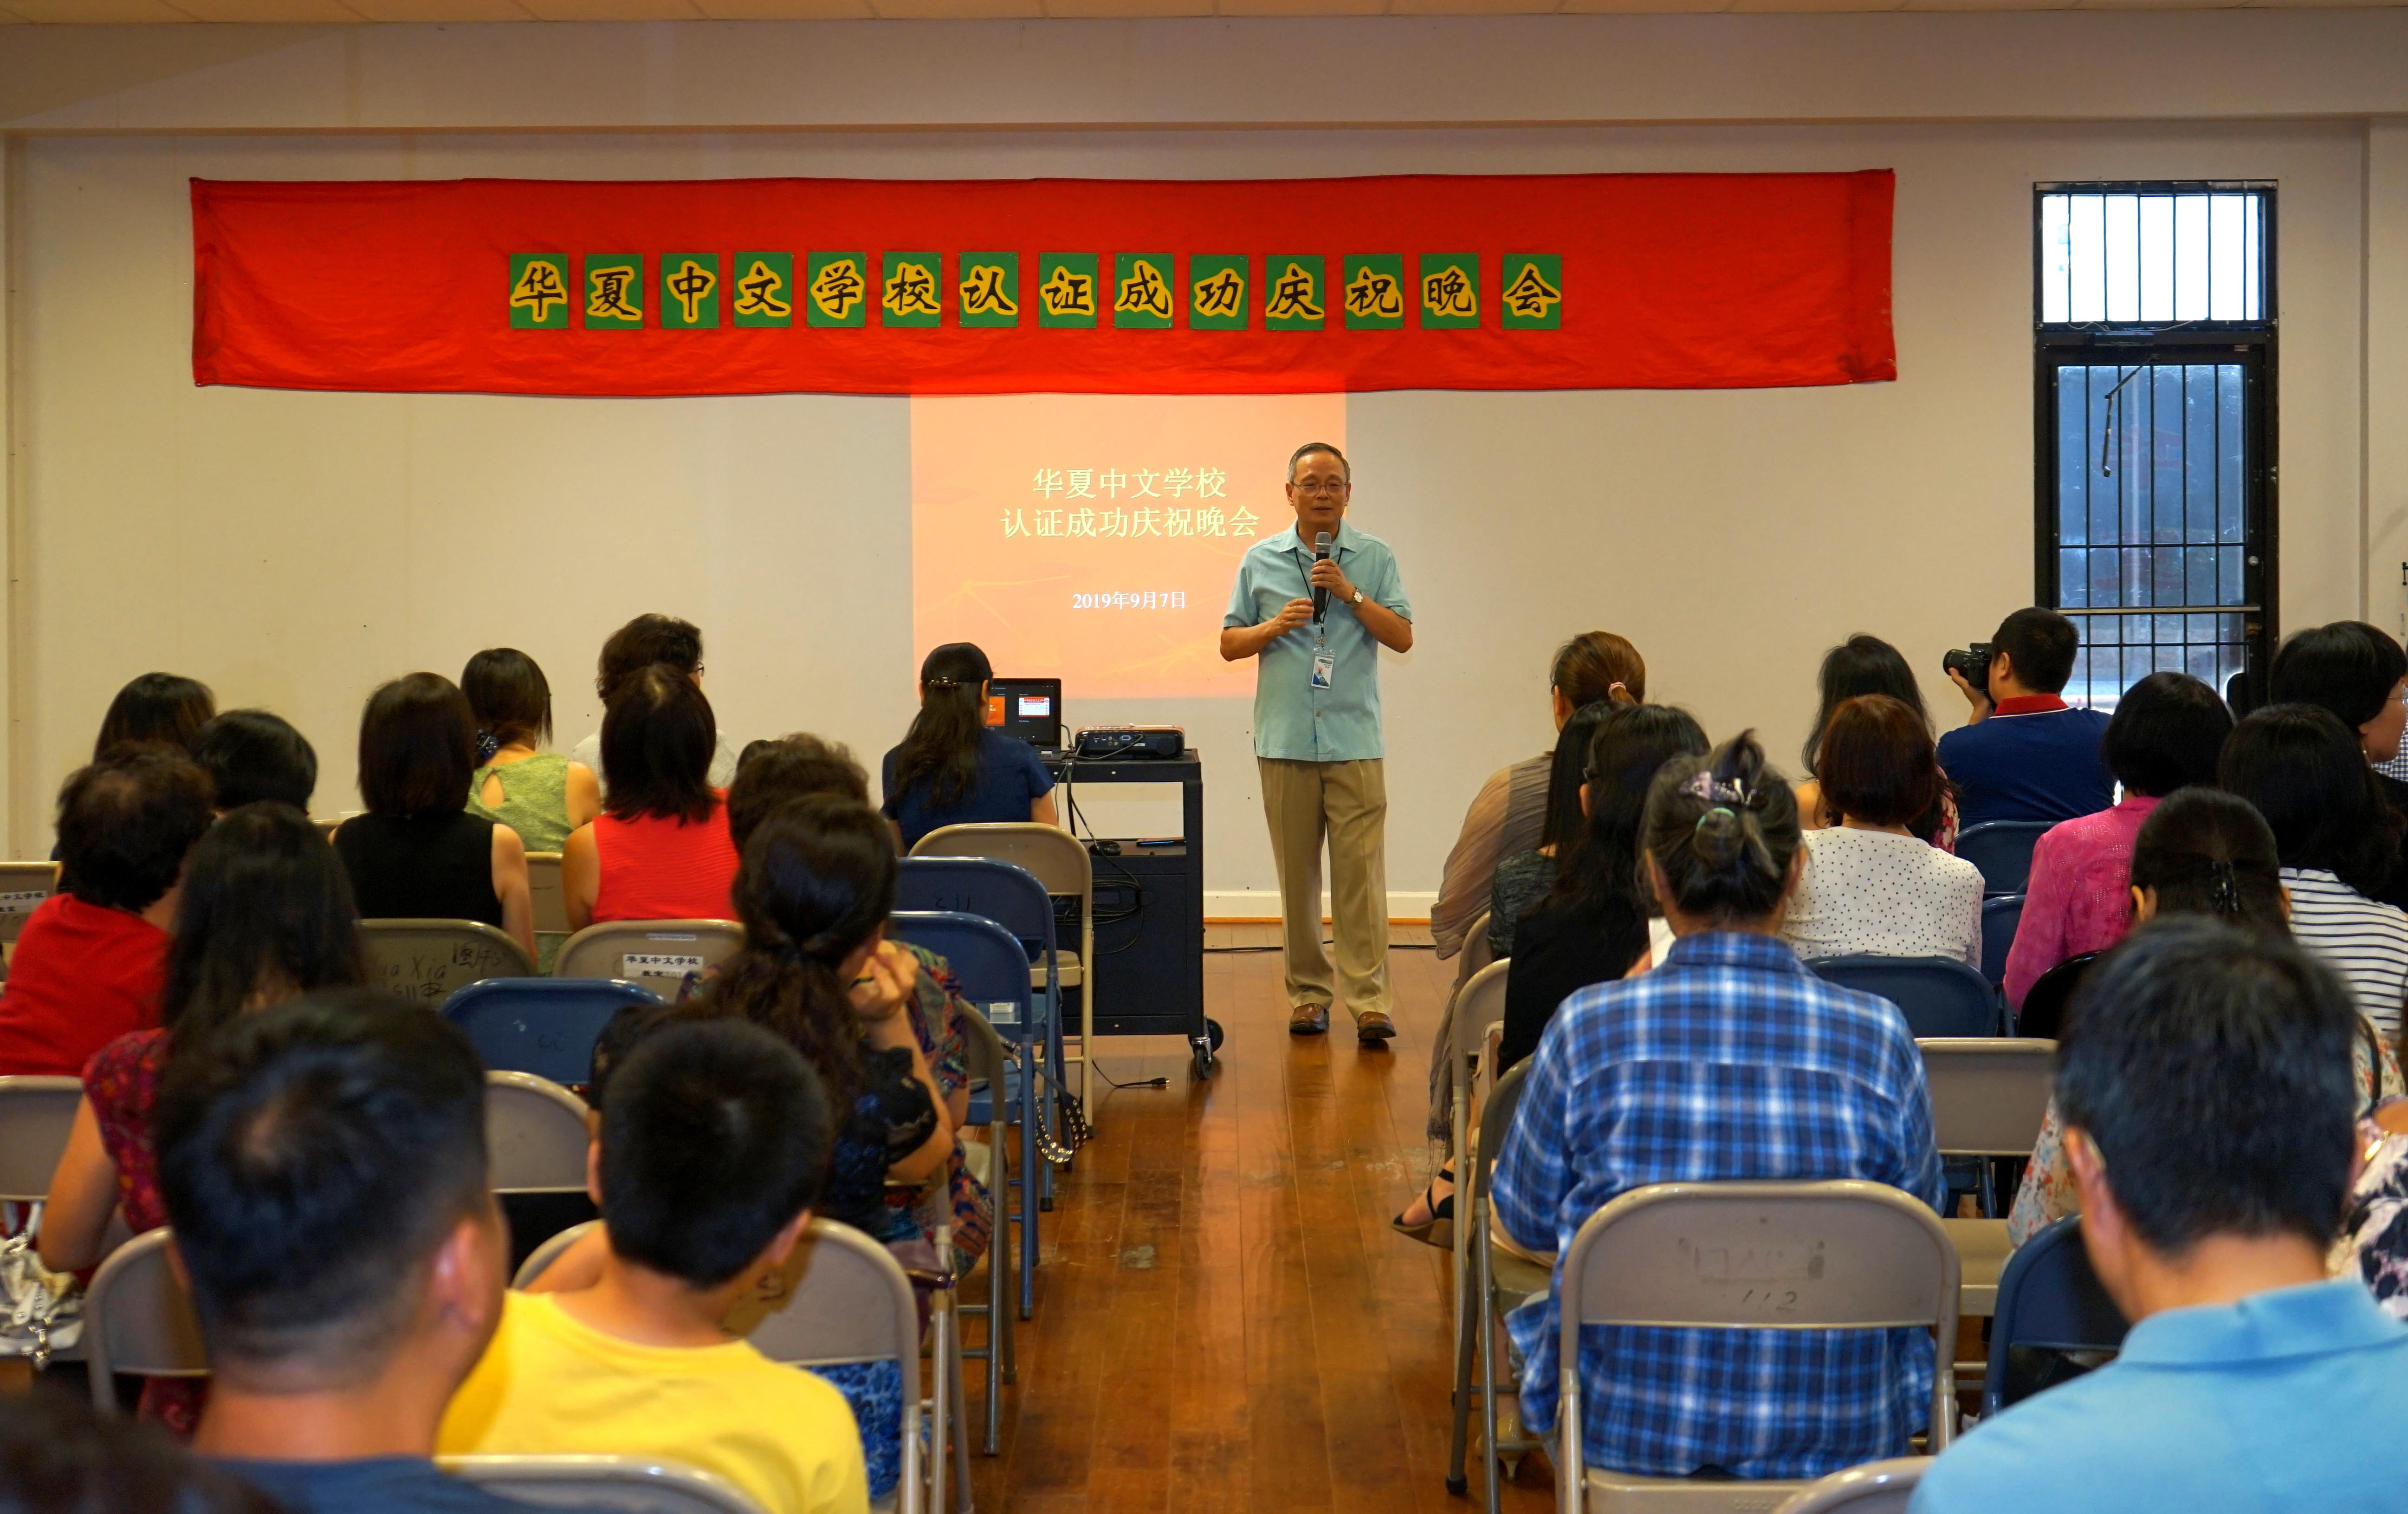 華夏中文學校總校長包華富(站立者)宣布,學校獲AdvancED認證委員會認證。(記者賈忠/攝影)